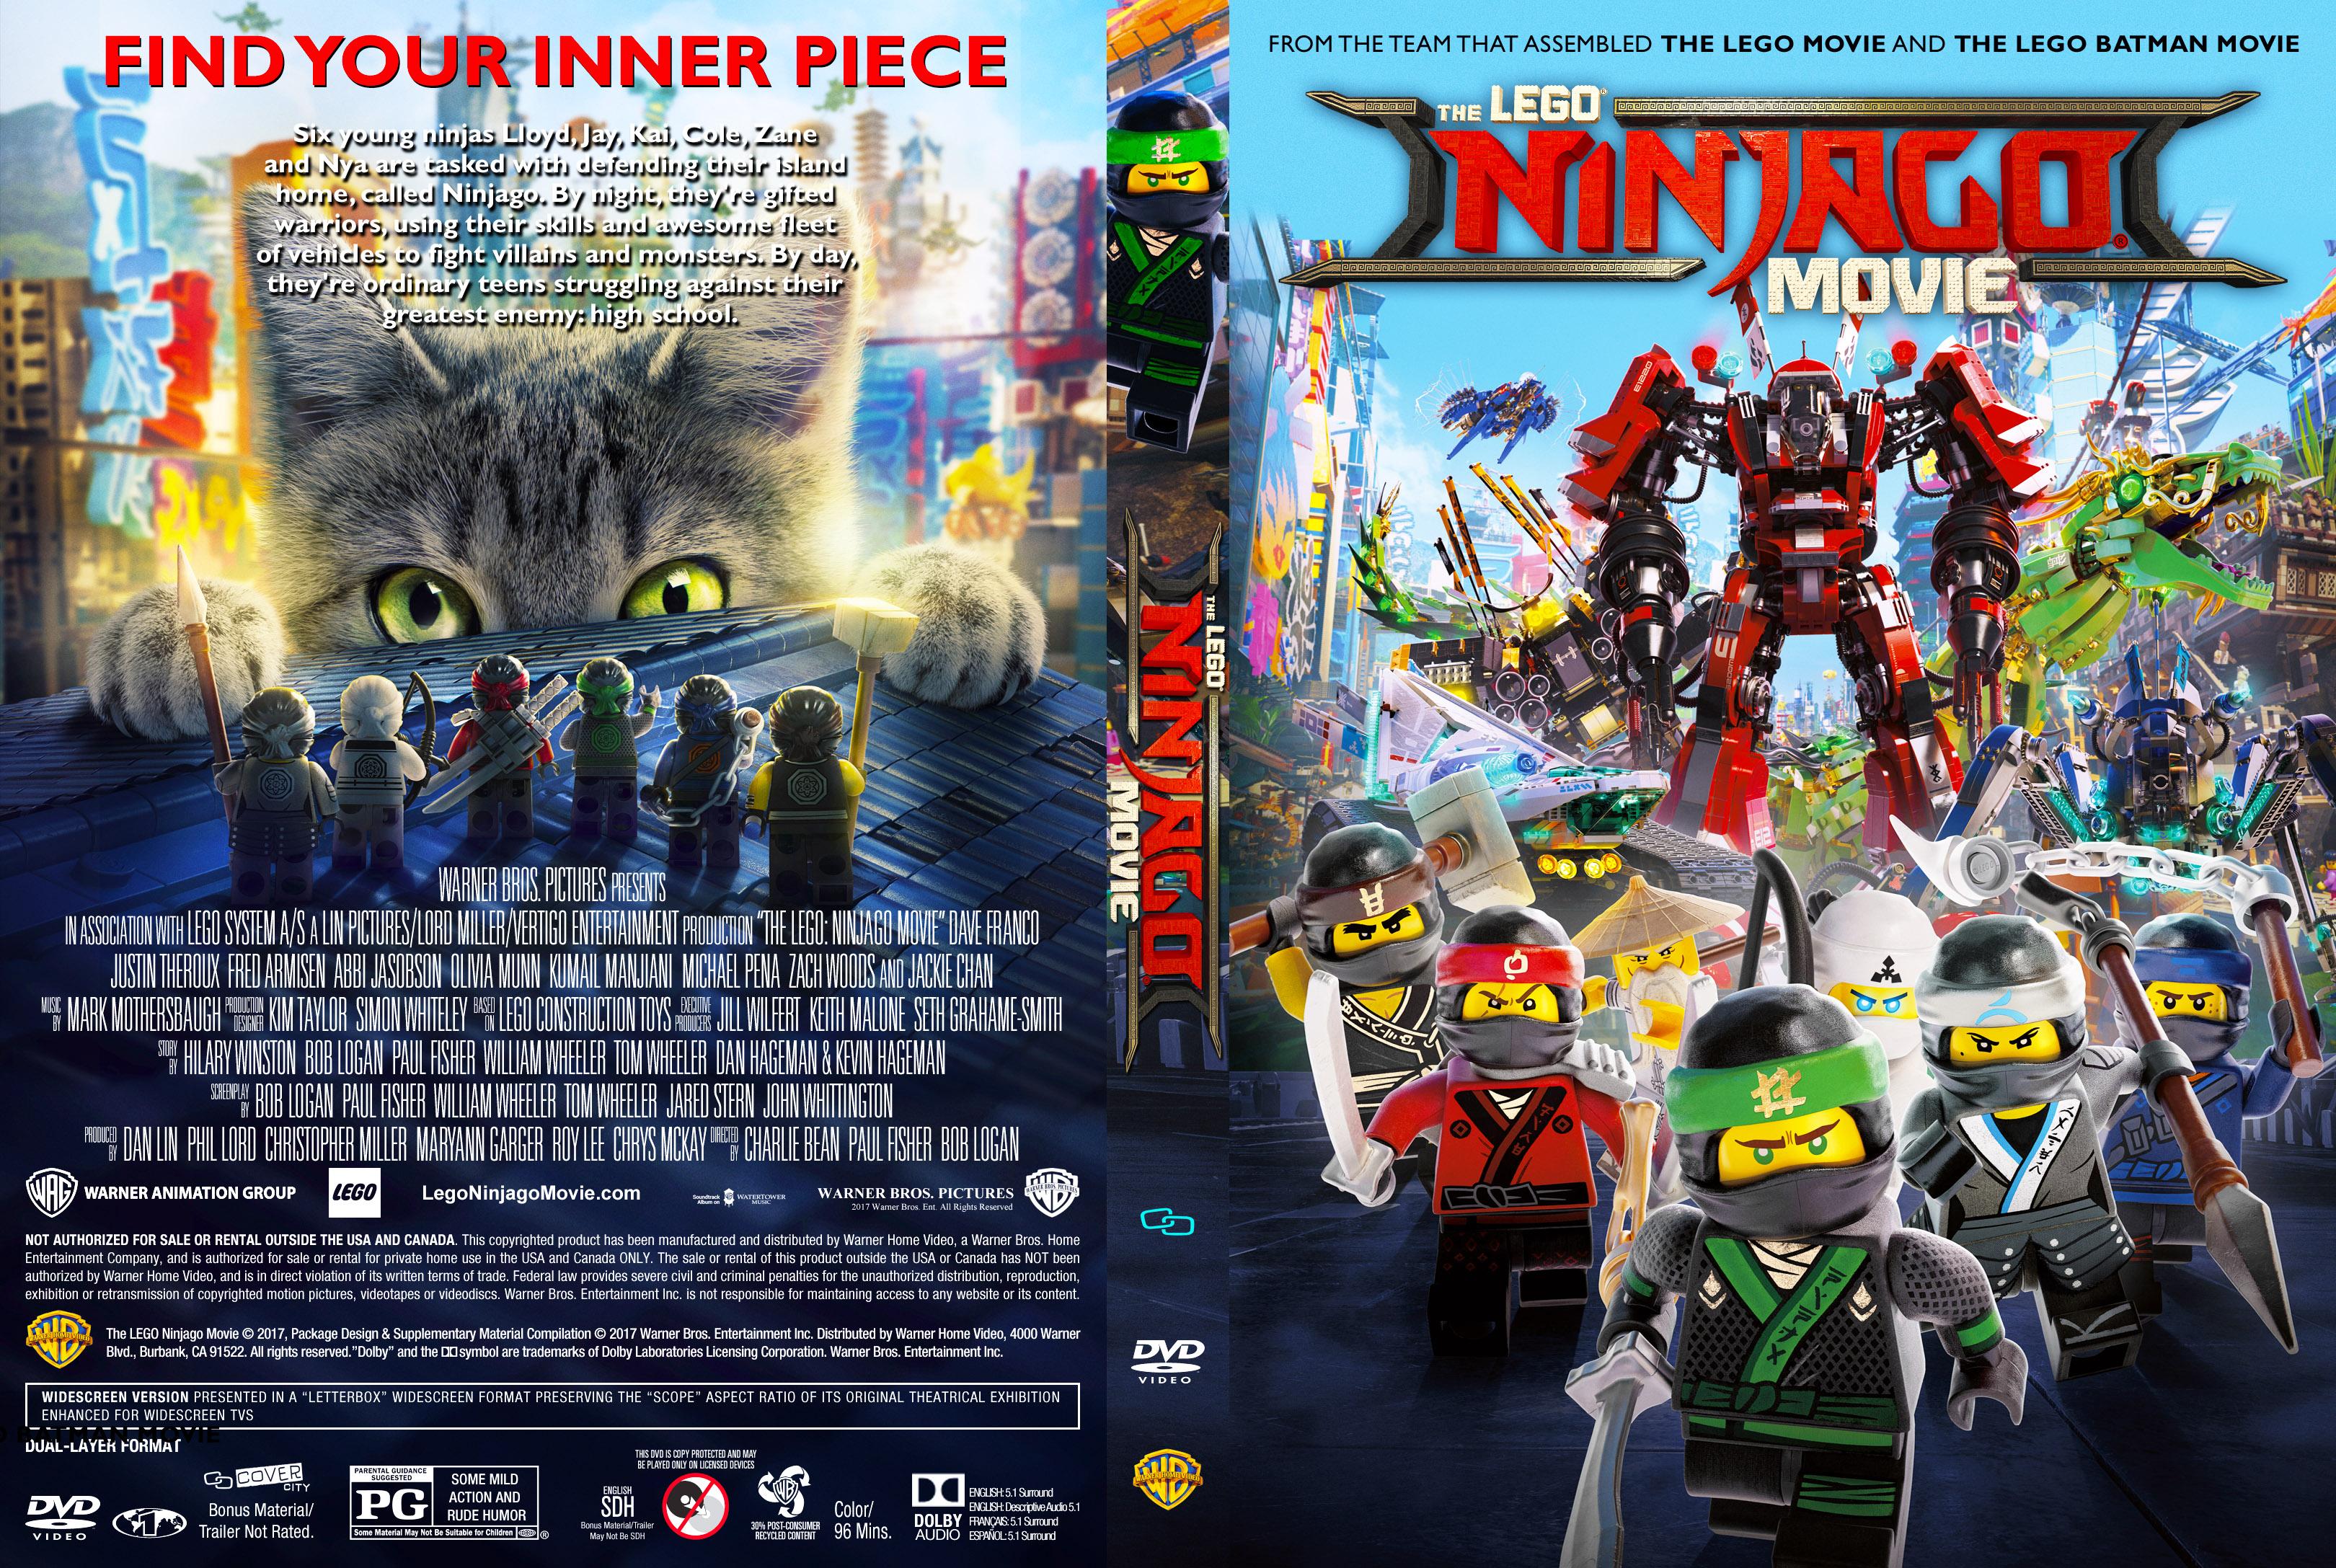 ninjago movie dvd